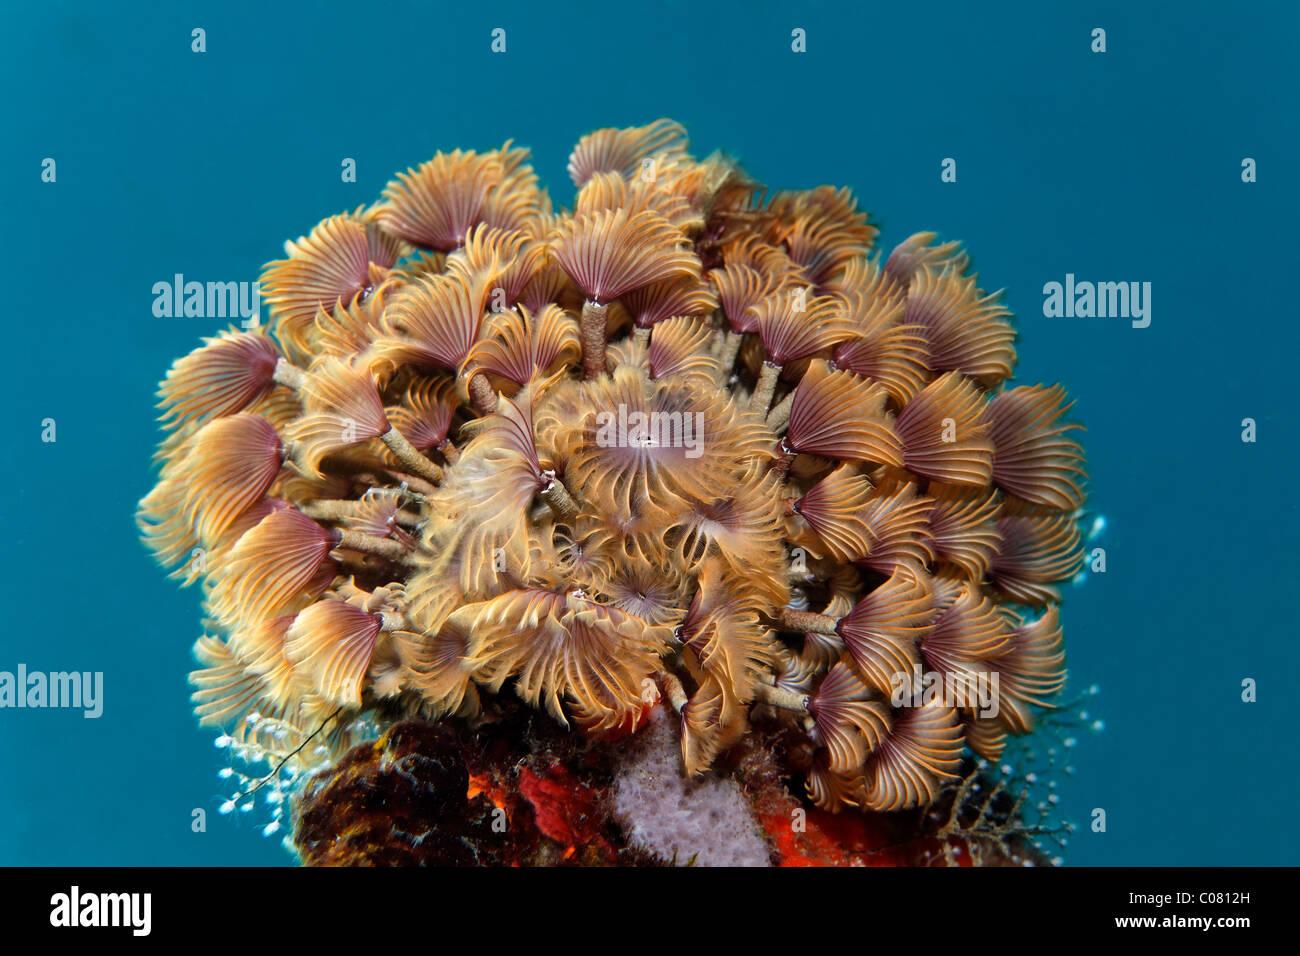 Plumeau sociale (Bispira brunnea) dans l'eau bleue, Sainte Lucie, Sainte Lucie, l'île des Petites Antilles, Photo Stock